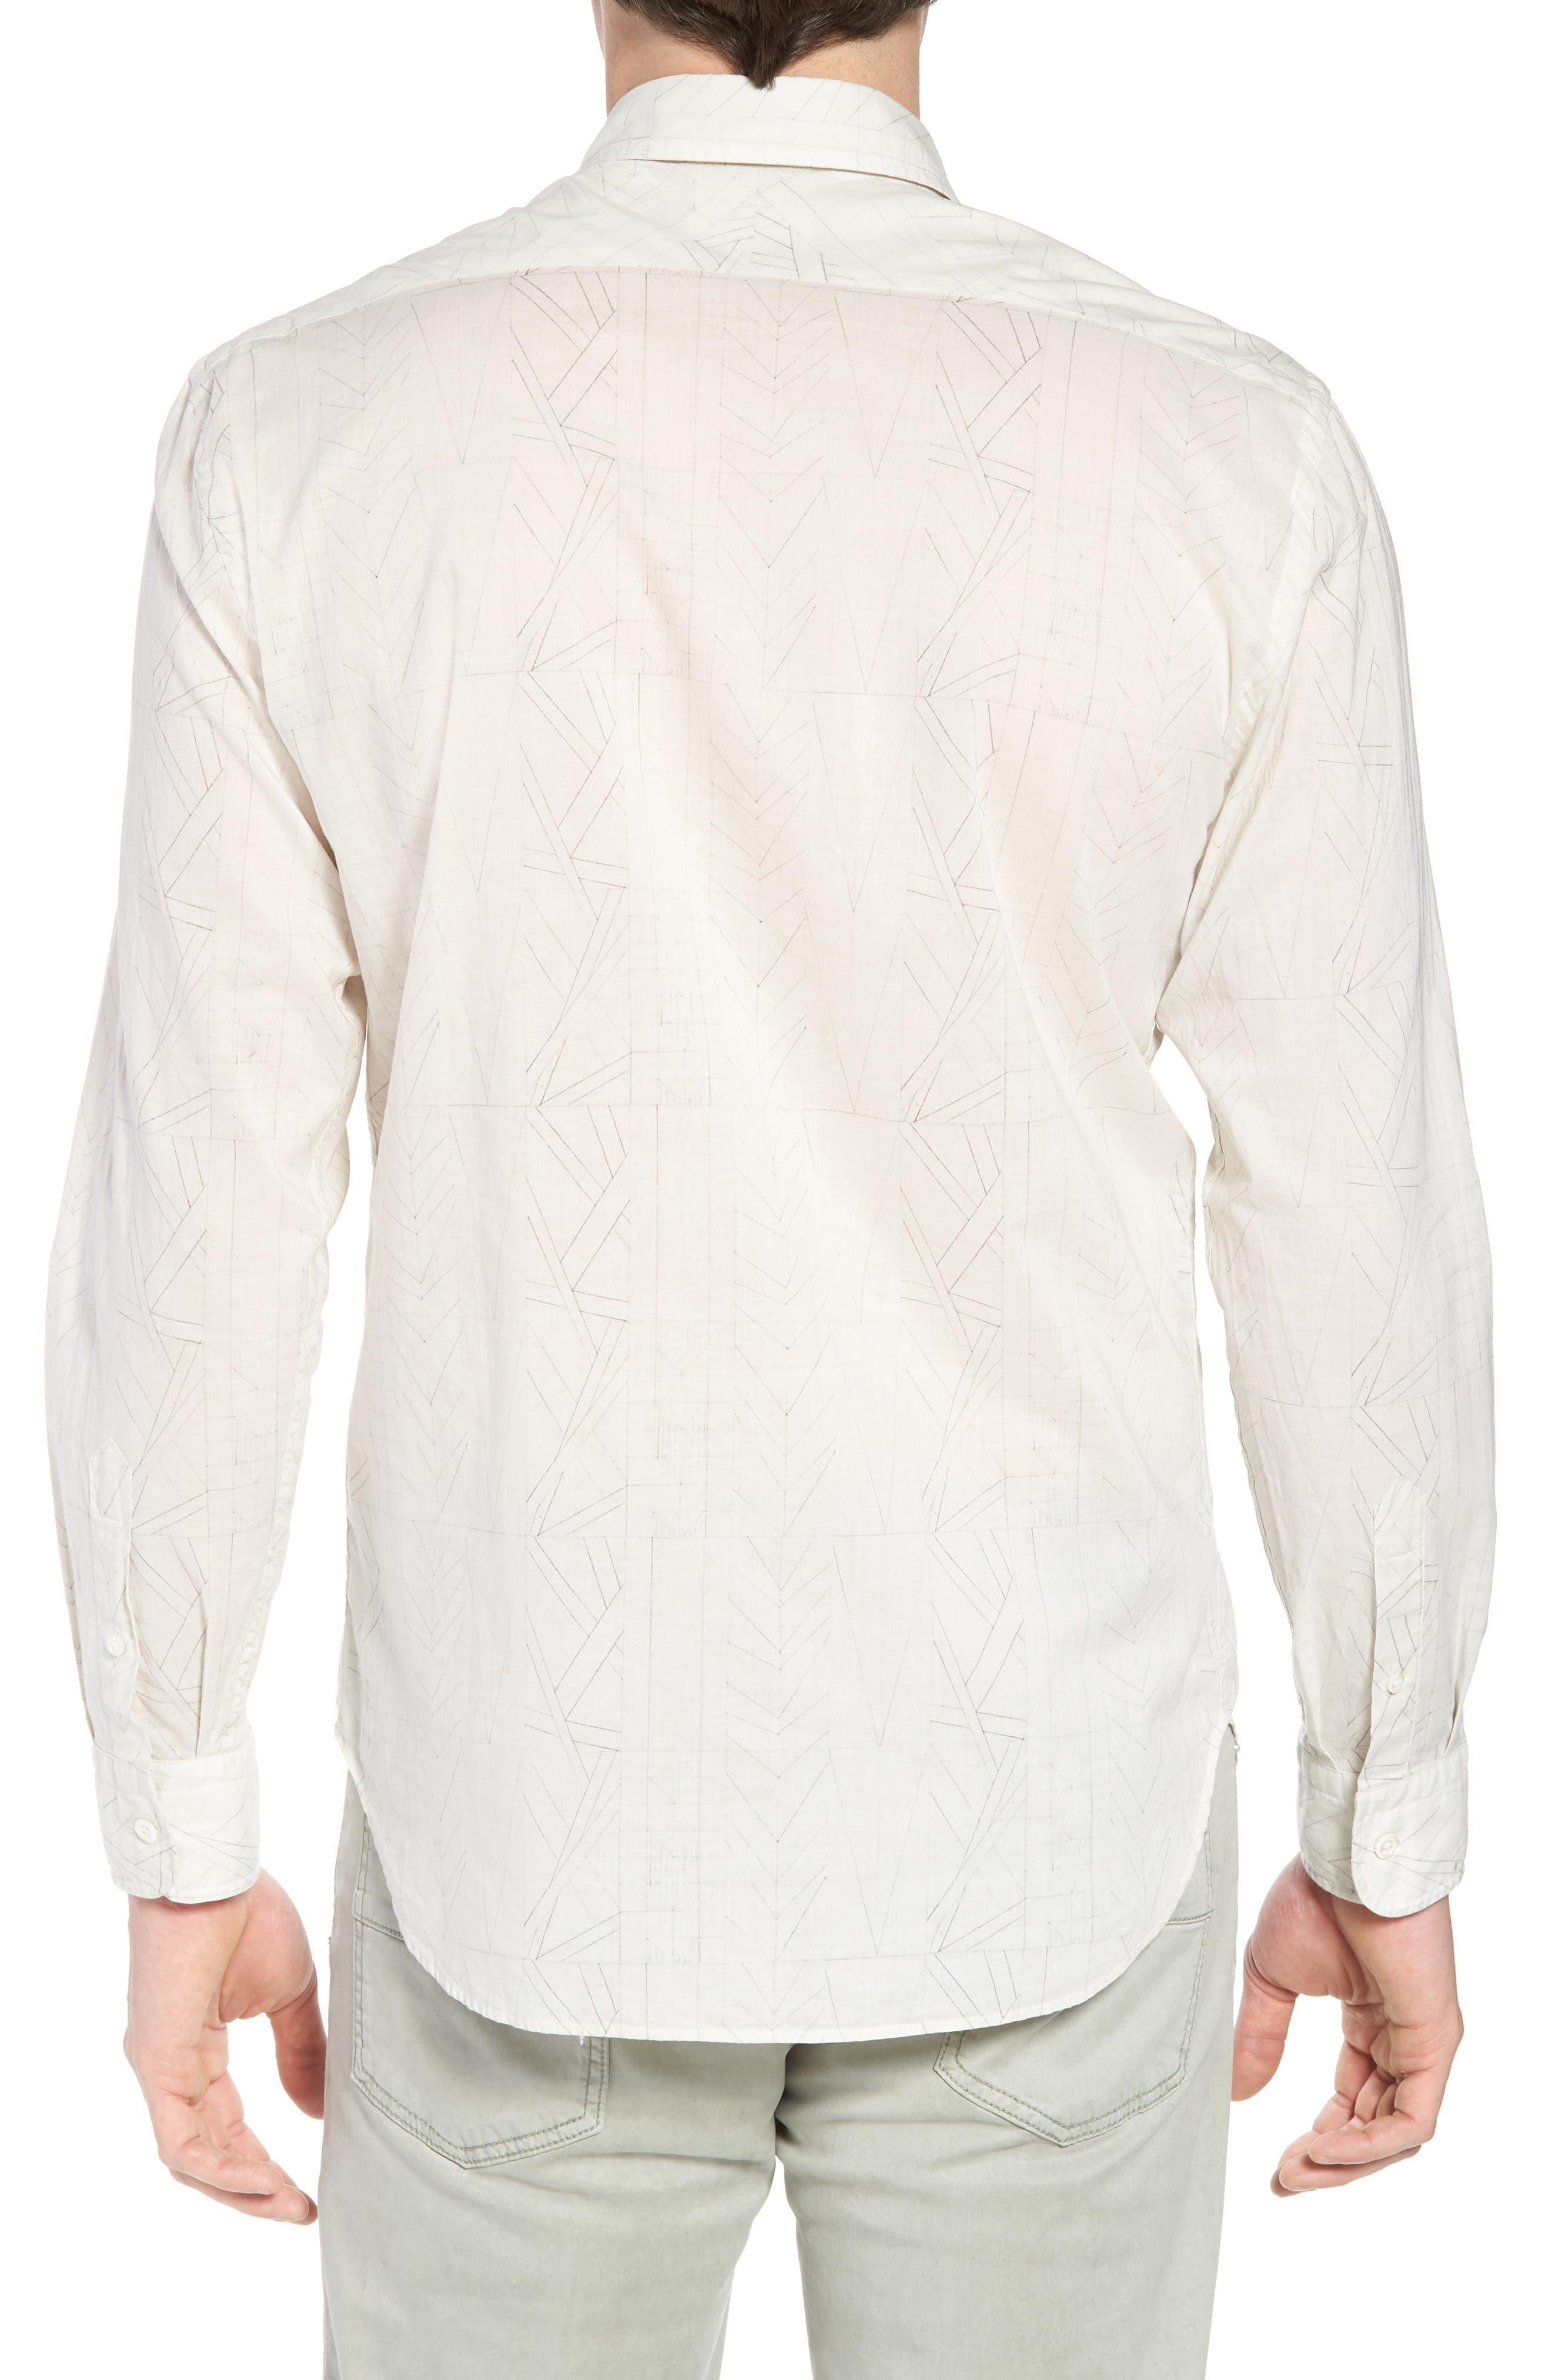 John Sport Shirt,                             Alternate thumbnail 2, color,                             108